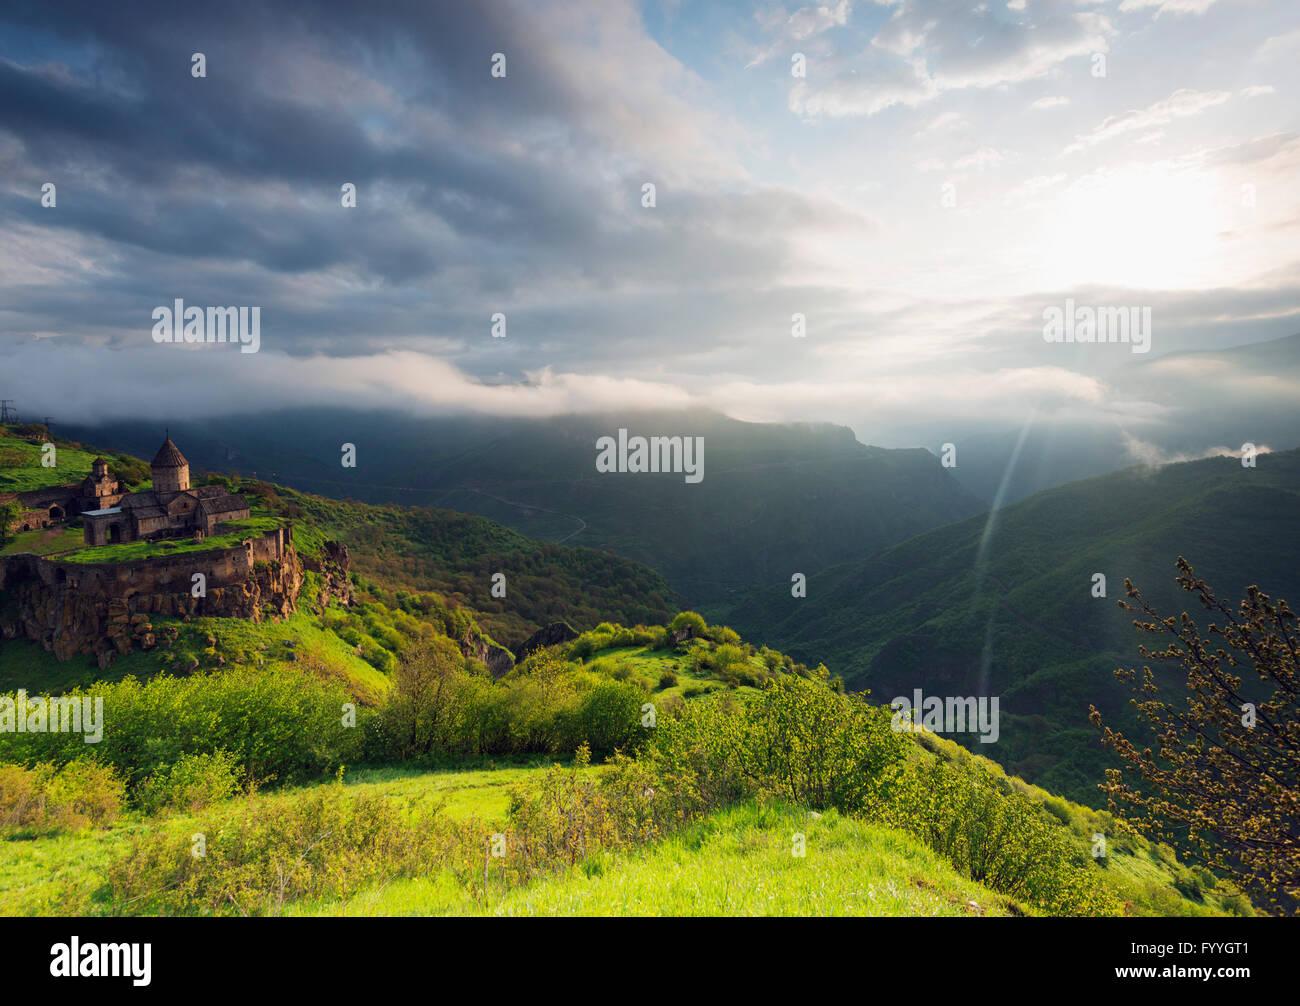 Eurasia, Caucasus region, Armenia, Syunik province, Tatev monastery Stock Photo